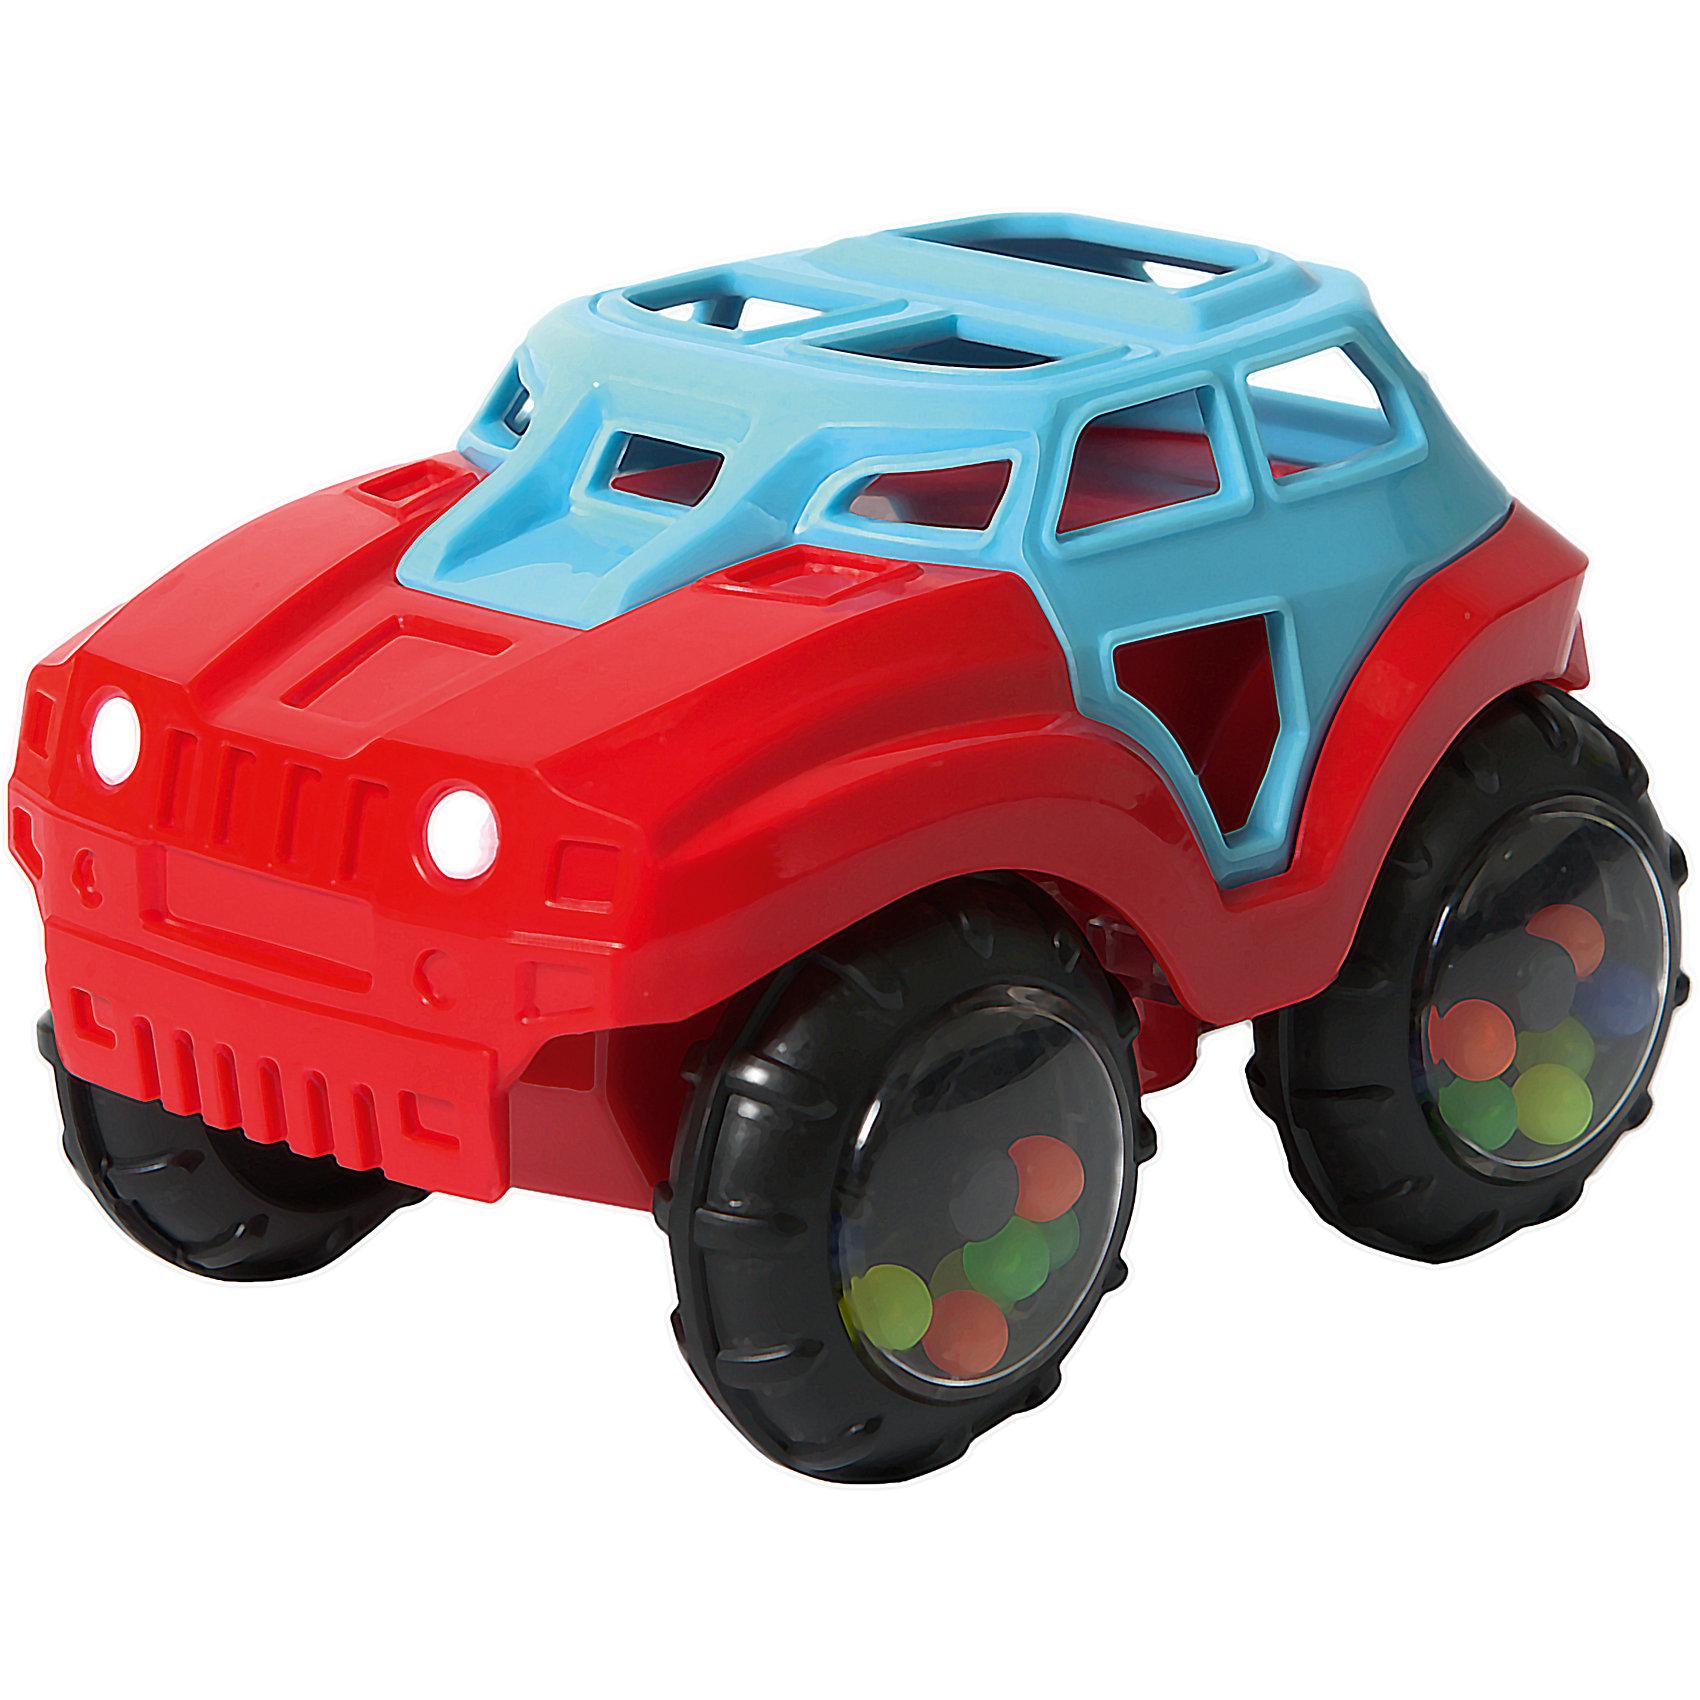 Машинка-неразбивайка Baby Trend, сине-краснаяМашинки и транспорт для малышей<br>Характеристики:<br><br>• возраст: от 3 месяцев<br>• машинка-погремушка<br>• материал: мягкий гибкий пластик<br>• размер игрушки: 10х11,5х8 см.<br>• размер упаковки: 18х11,5х8 см.<br>• вес: 153 гр.<br><br>Яркая машинка-неразбивайка от Baby Trend (Беби Тренд) – это первая машина малыша. Она изготовлена из мягкого гибкого высококачественного пластика. Машинка не имеет острых и опасных выступов. Благодаря уникальной форме ее удобно держать маленькими пальчиками.<br><br>В колесах машинки под прозрачными дисками находятся цветные шарики, которые задорно гремят при движении машинки или при встряхивании игрушки. Мягкие рельефные детали крыши можно кусать, они успокоят нежные десна малыша.<br><br>Машинку-неразбивайку, сине-красную, Baby Trend (Беби Тренд) можно купить в нашем интернет-магазине.<br><br>Ширина мм: 124<br>Глубина мм: 76<br>Высота мм: 87<br>Вес г: 153<br>Возраст от месяцев: 3<br>Возраст до месяцев: 2147483647<br>Пол: Унисекс<br>Возраст: Детский<br>SKU: 6872167